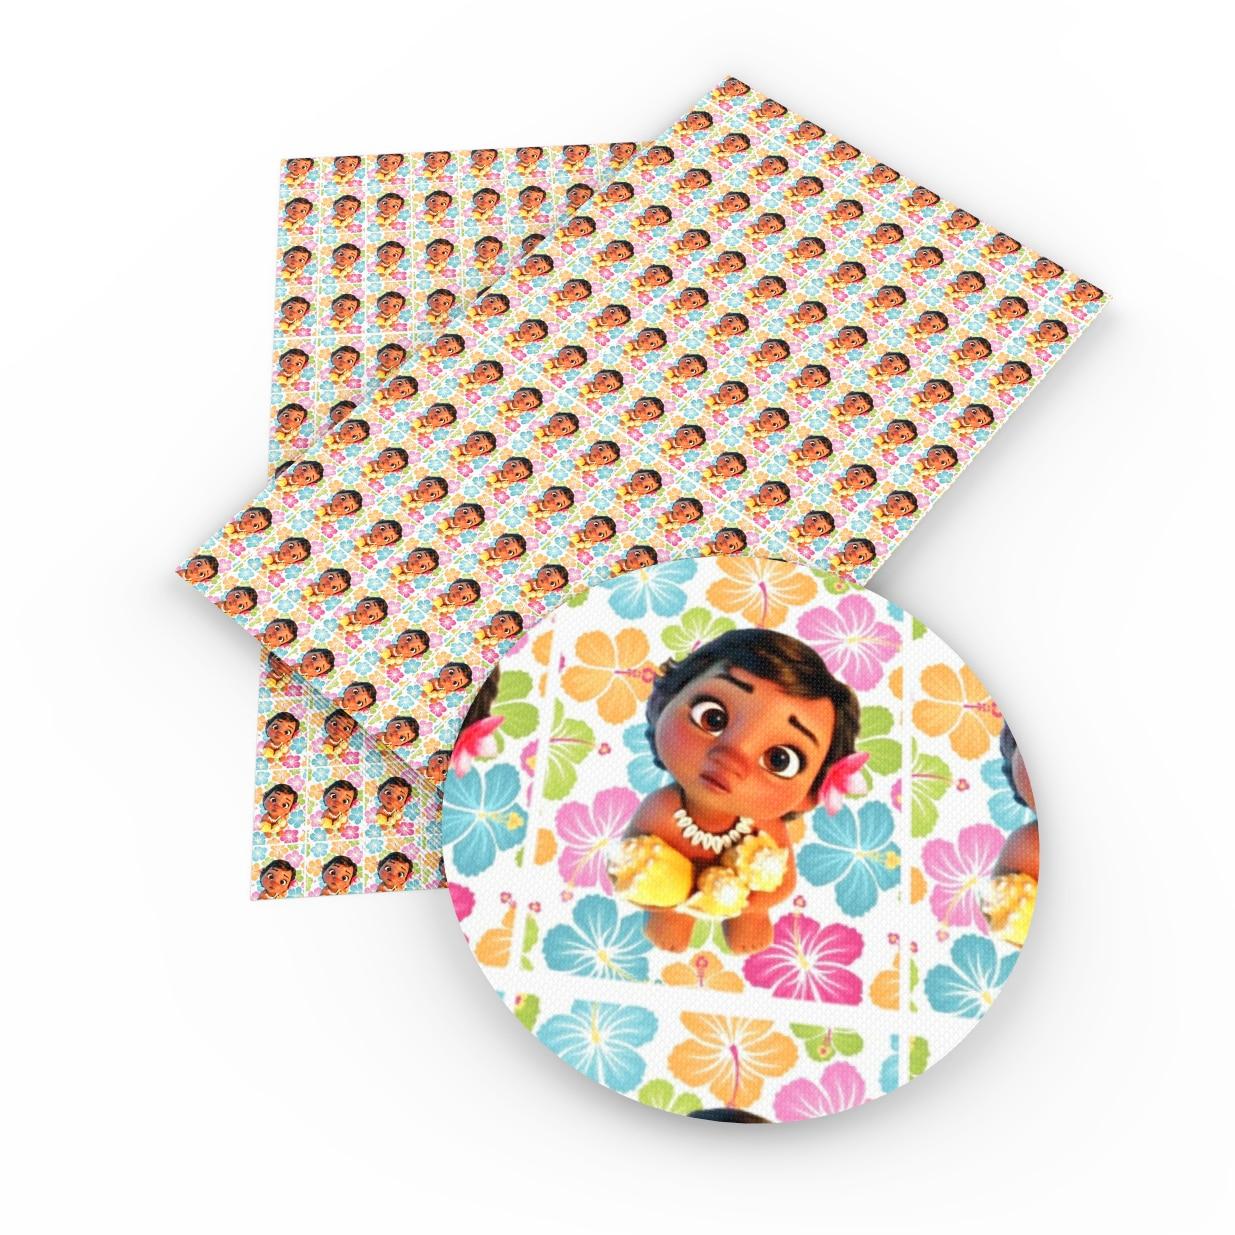 David accessories 20*34 см искусственная кожа бант для волос для художественного оформления ногтей, ручная работа ремесел 1 шт, материалы для ручных поделок, 1Yc3492-in Искусственная кожа from Дом и сад on Aliexpress.com | Alibaba Group